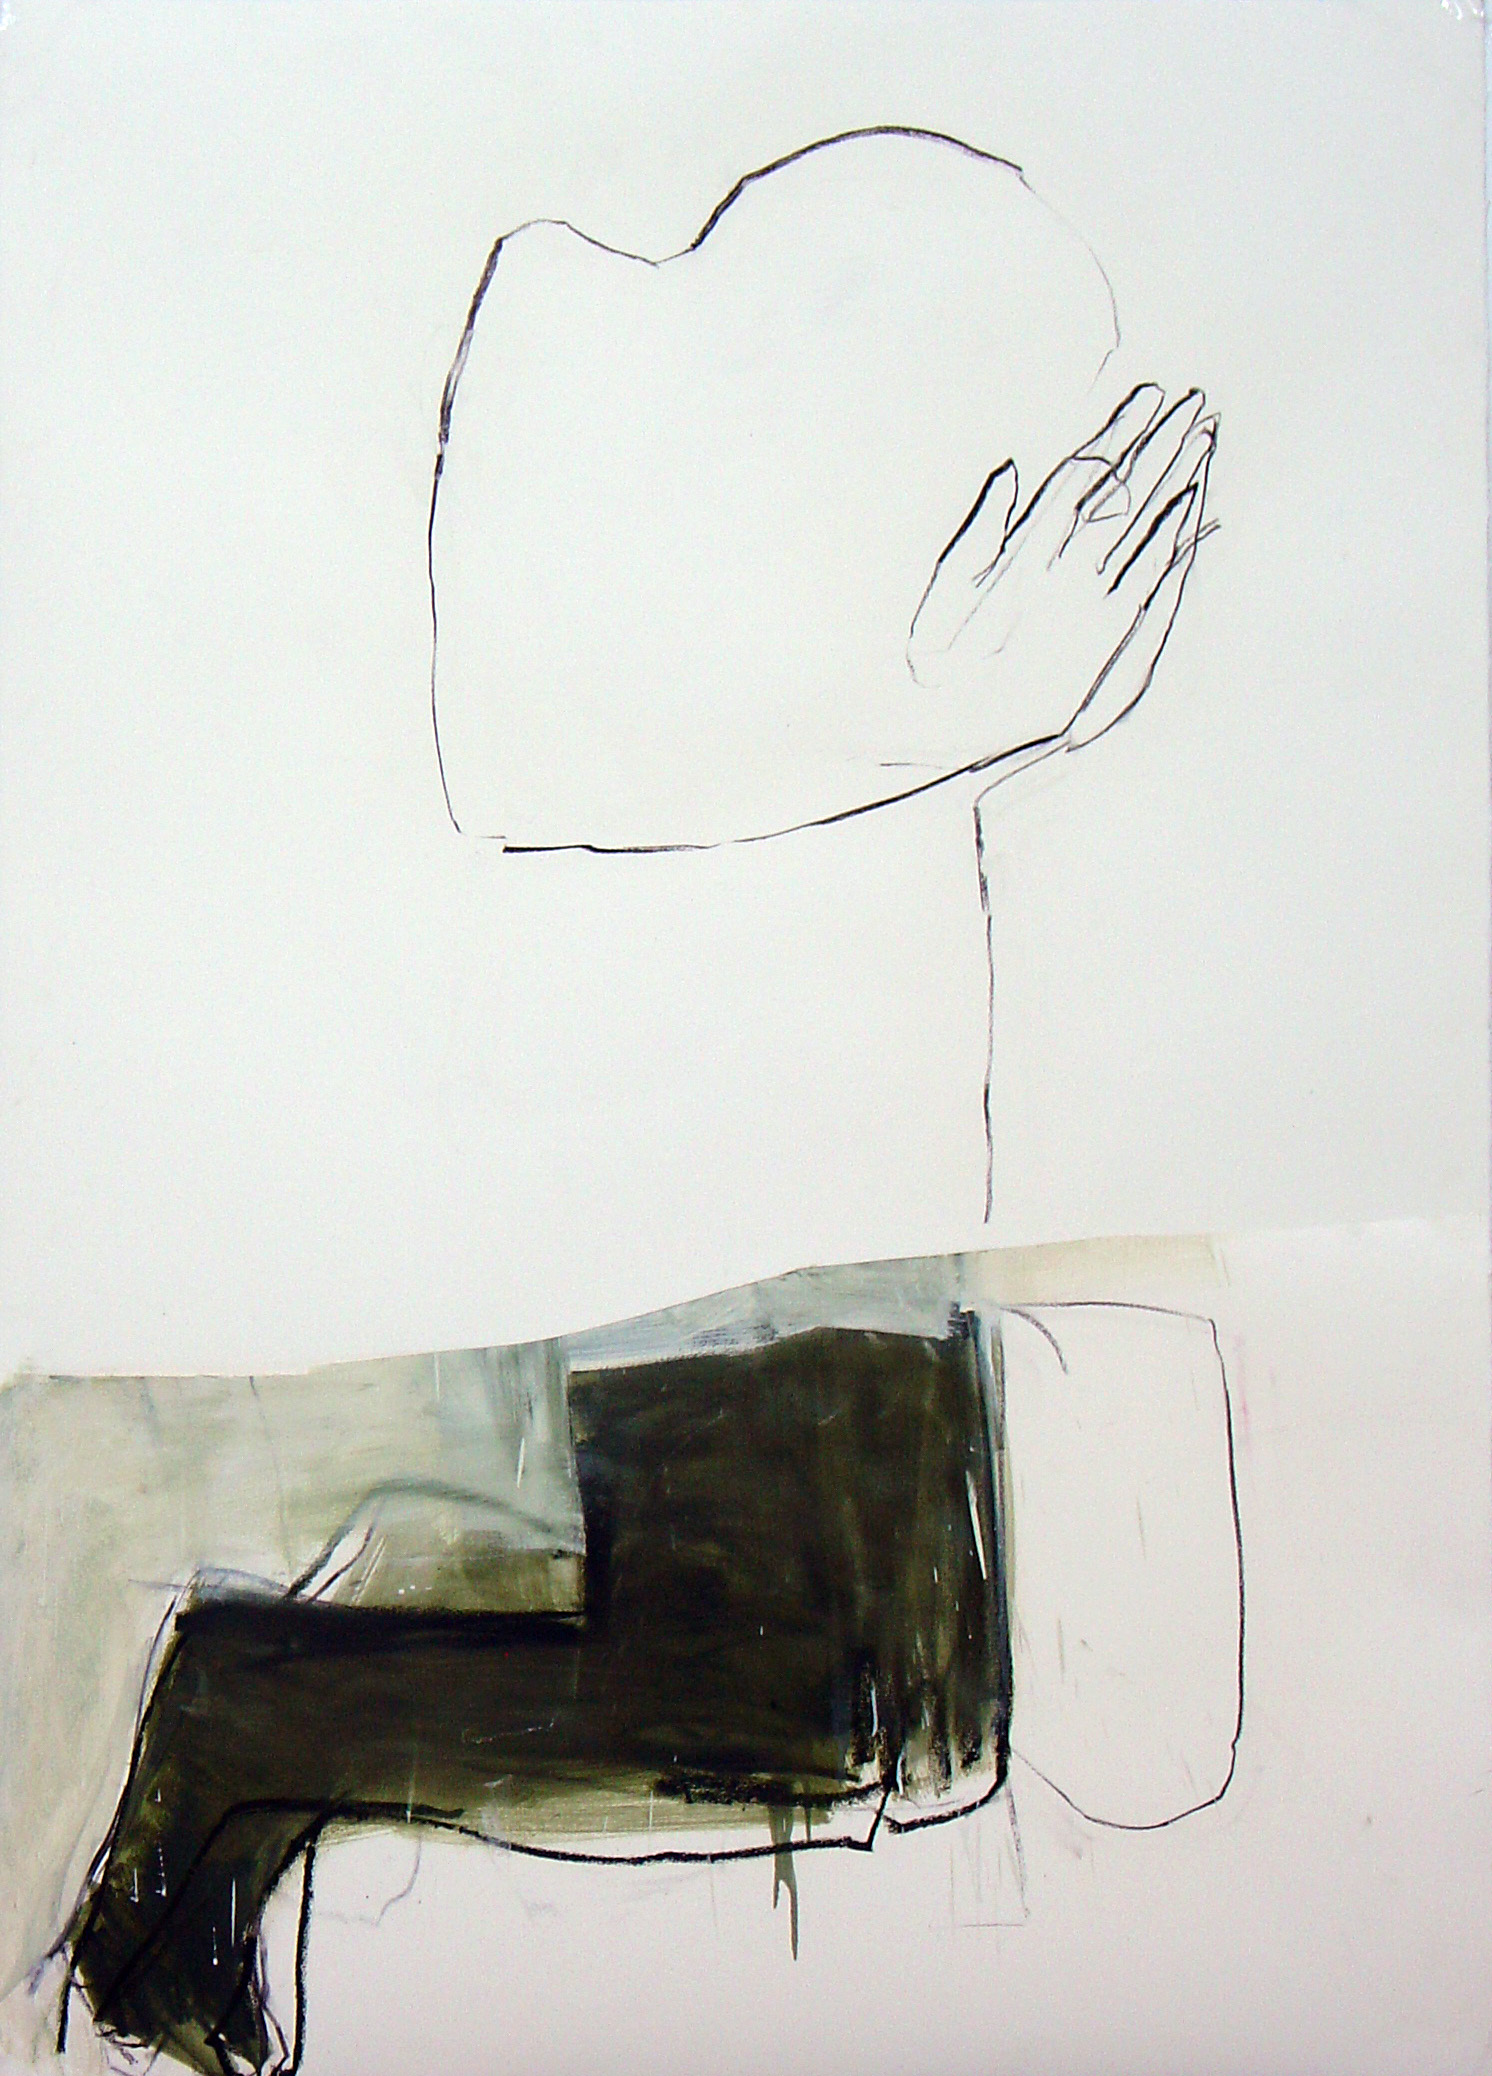 Série nº 14 Técnica Mista sobre Papel 150 x 110 cm 2009/2012